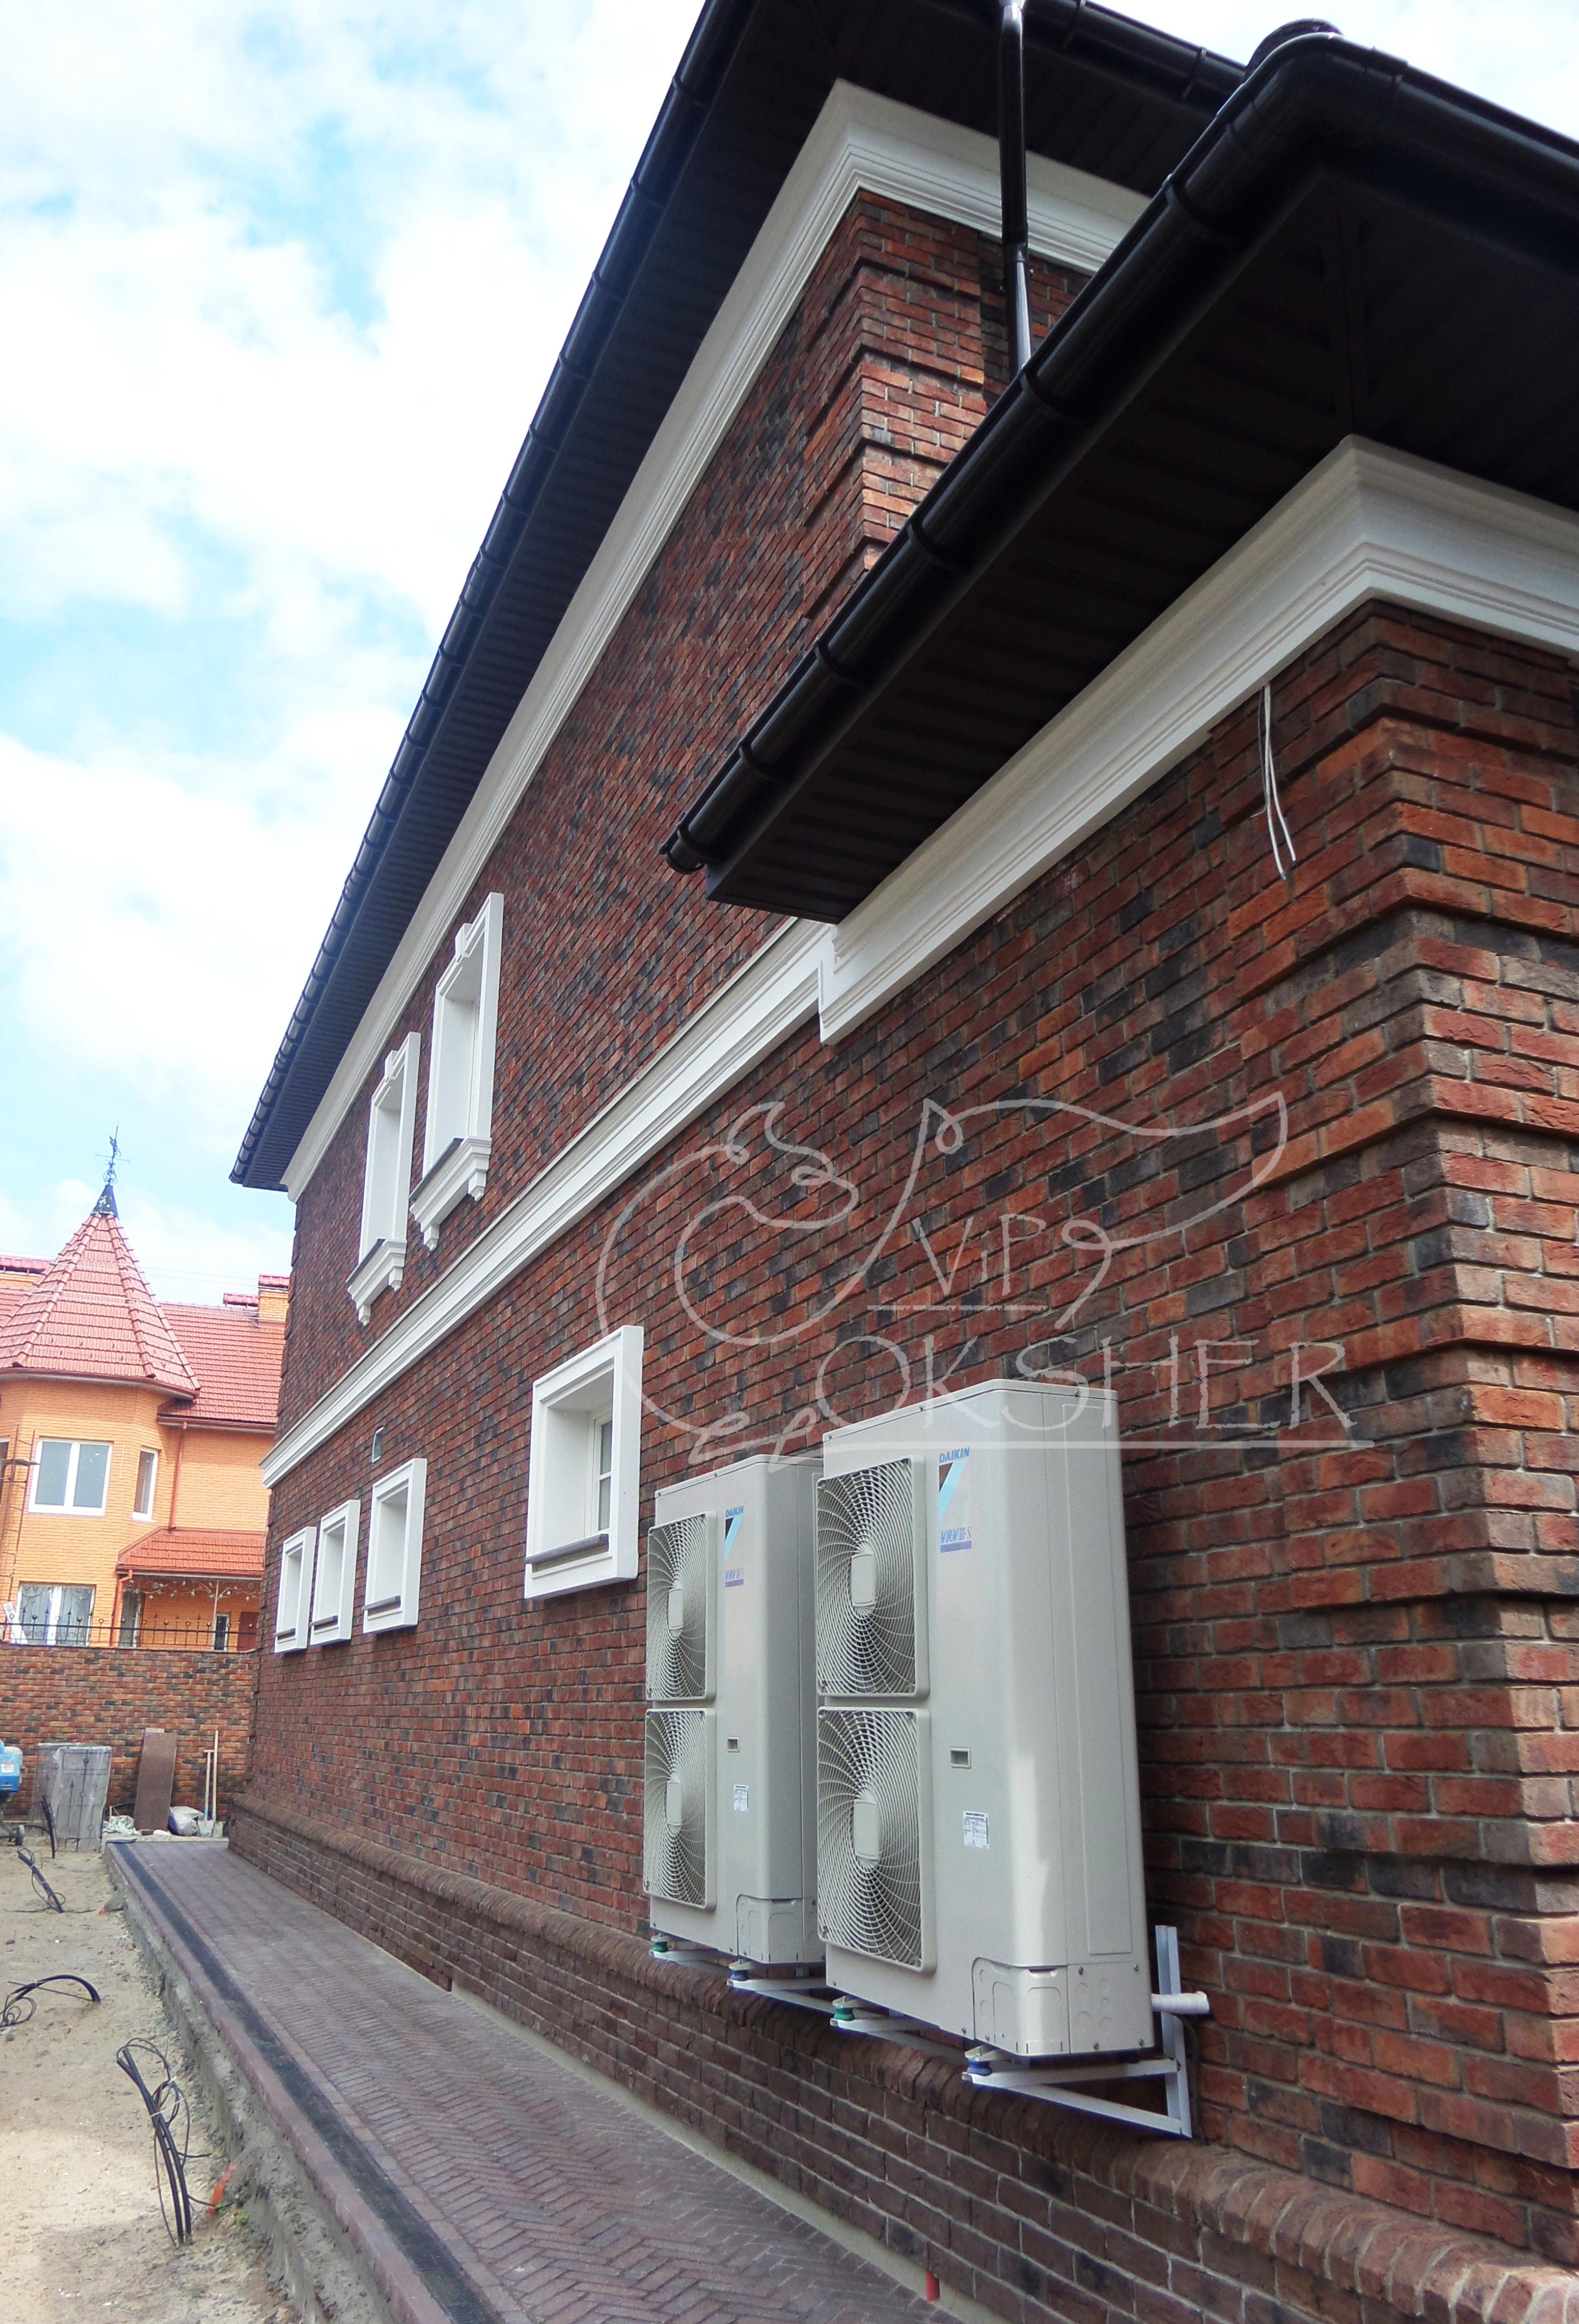 фасадный декор з пенопласта армированный сеткой вип окшер